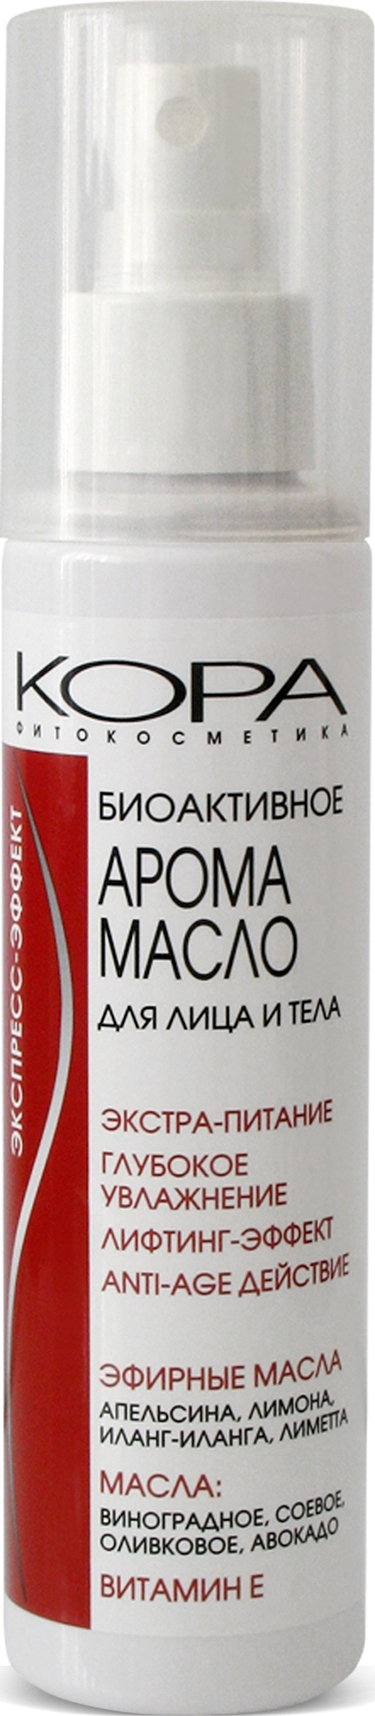 Аромамасло для лица и тела KORA, биоактивное, 150 мл